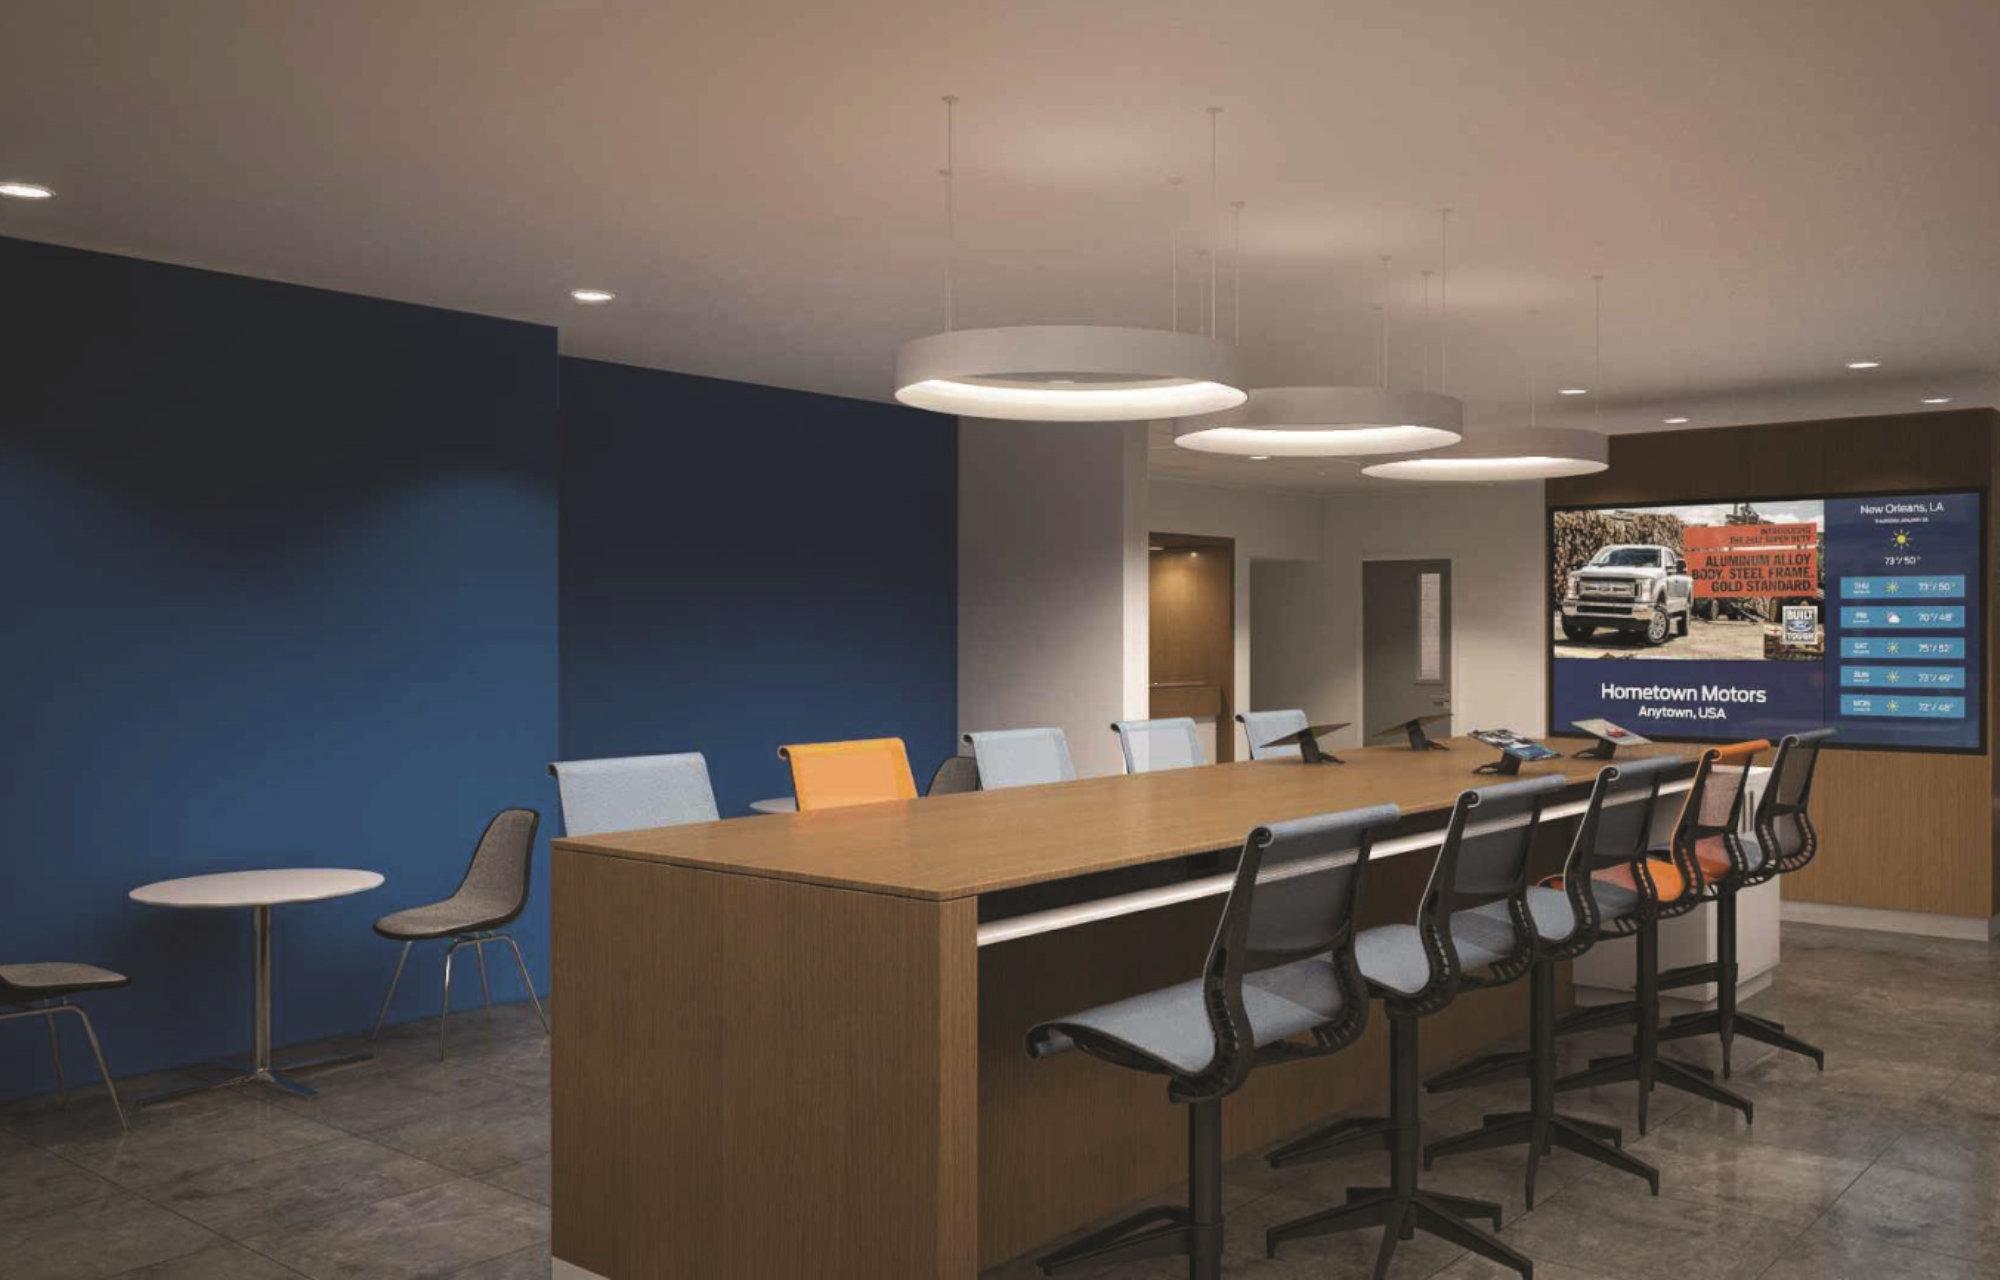 Khu vực trải nghiệm Khách hàng với bàn làm việc lớn cùng màn hình LCD tối tân